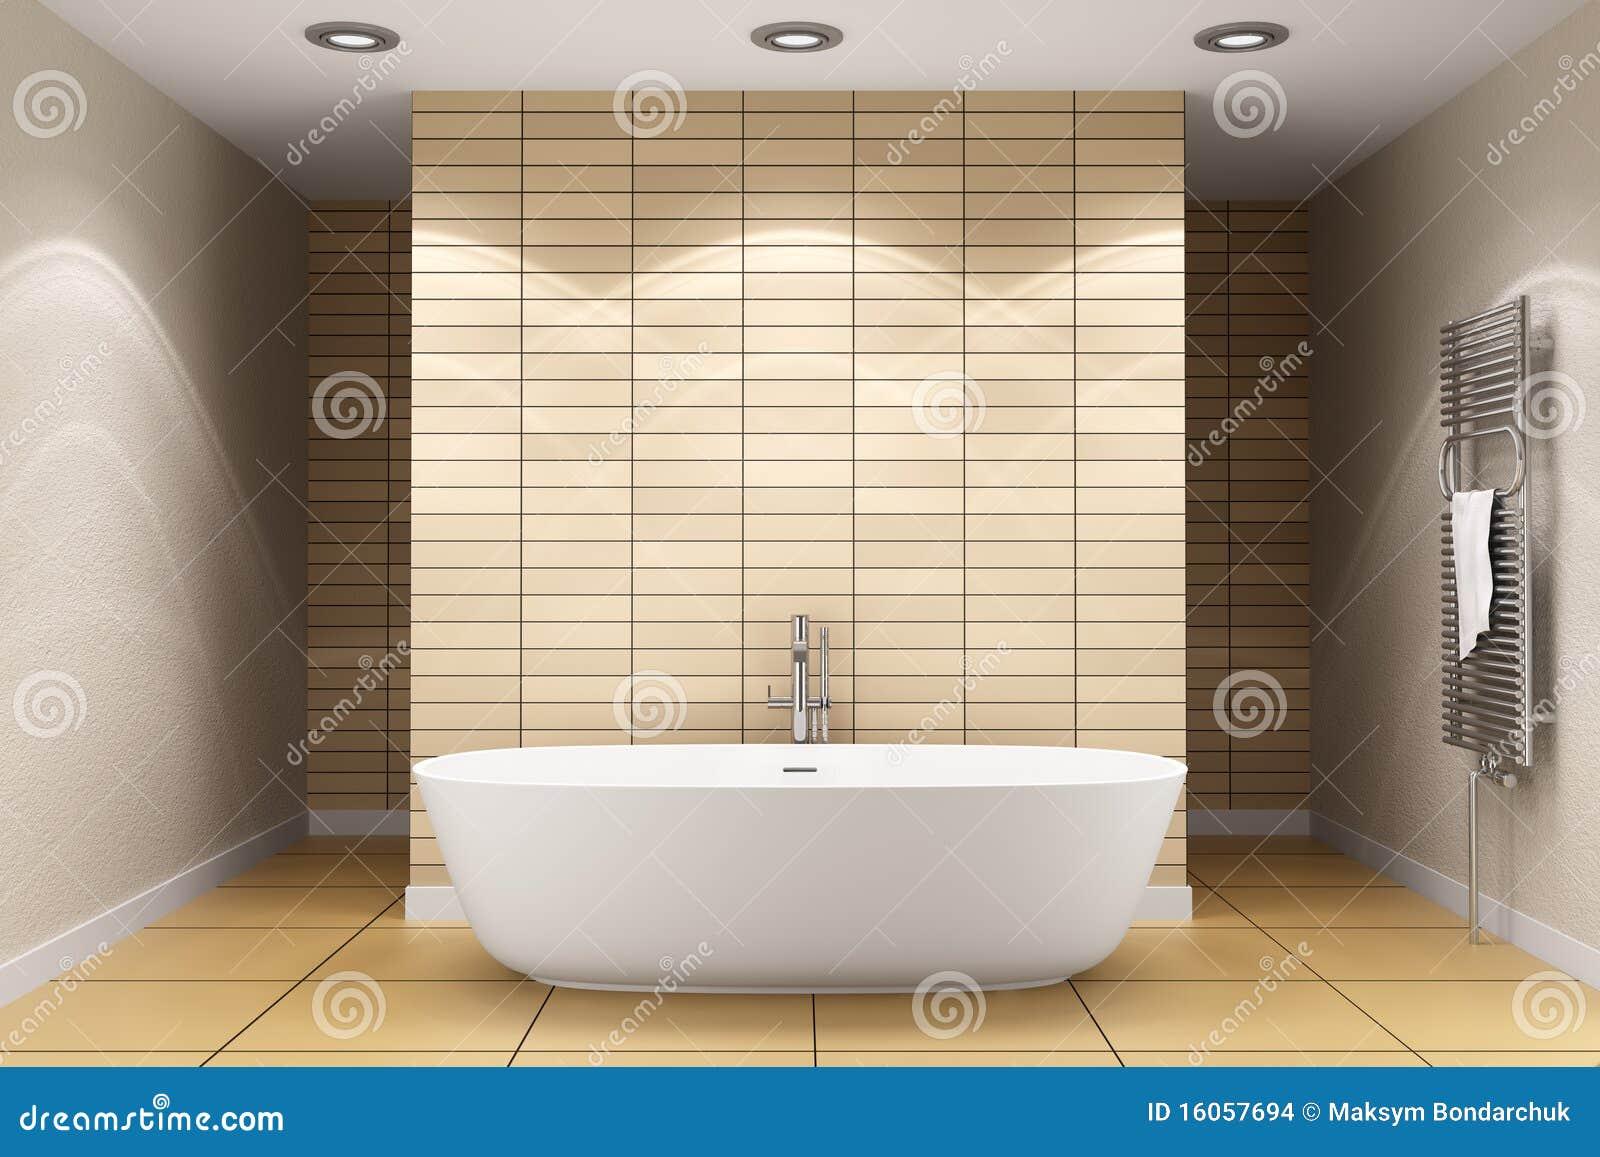 Stanza da bagno moderna con le mattonelle beige sulla parete fotografia stock immagine di - Mattonelle bagno moderne ...